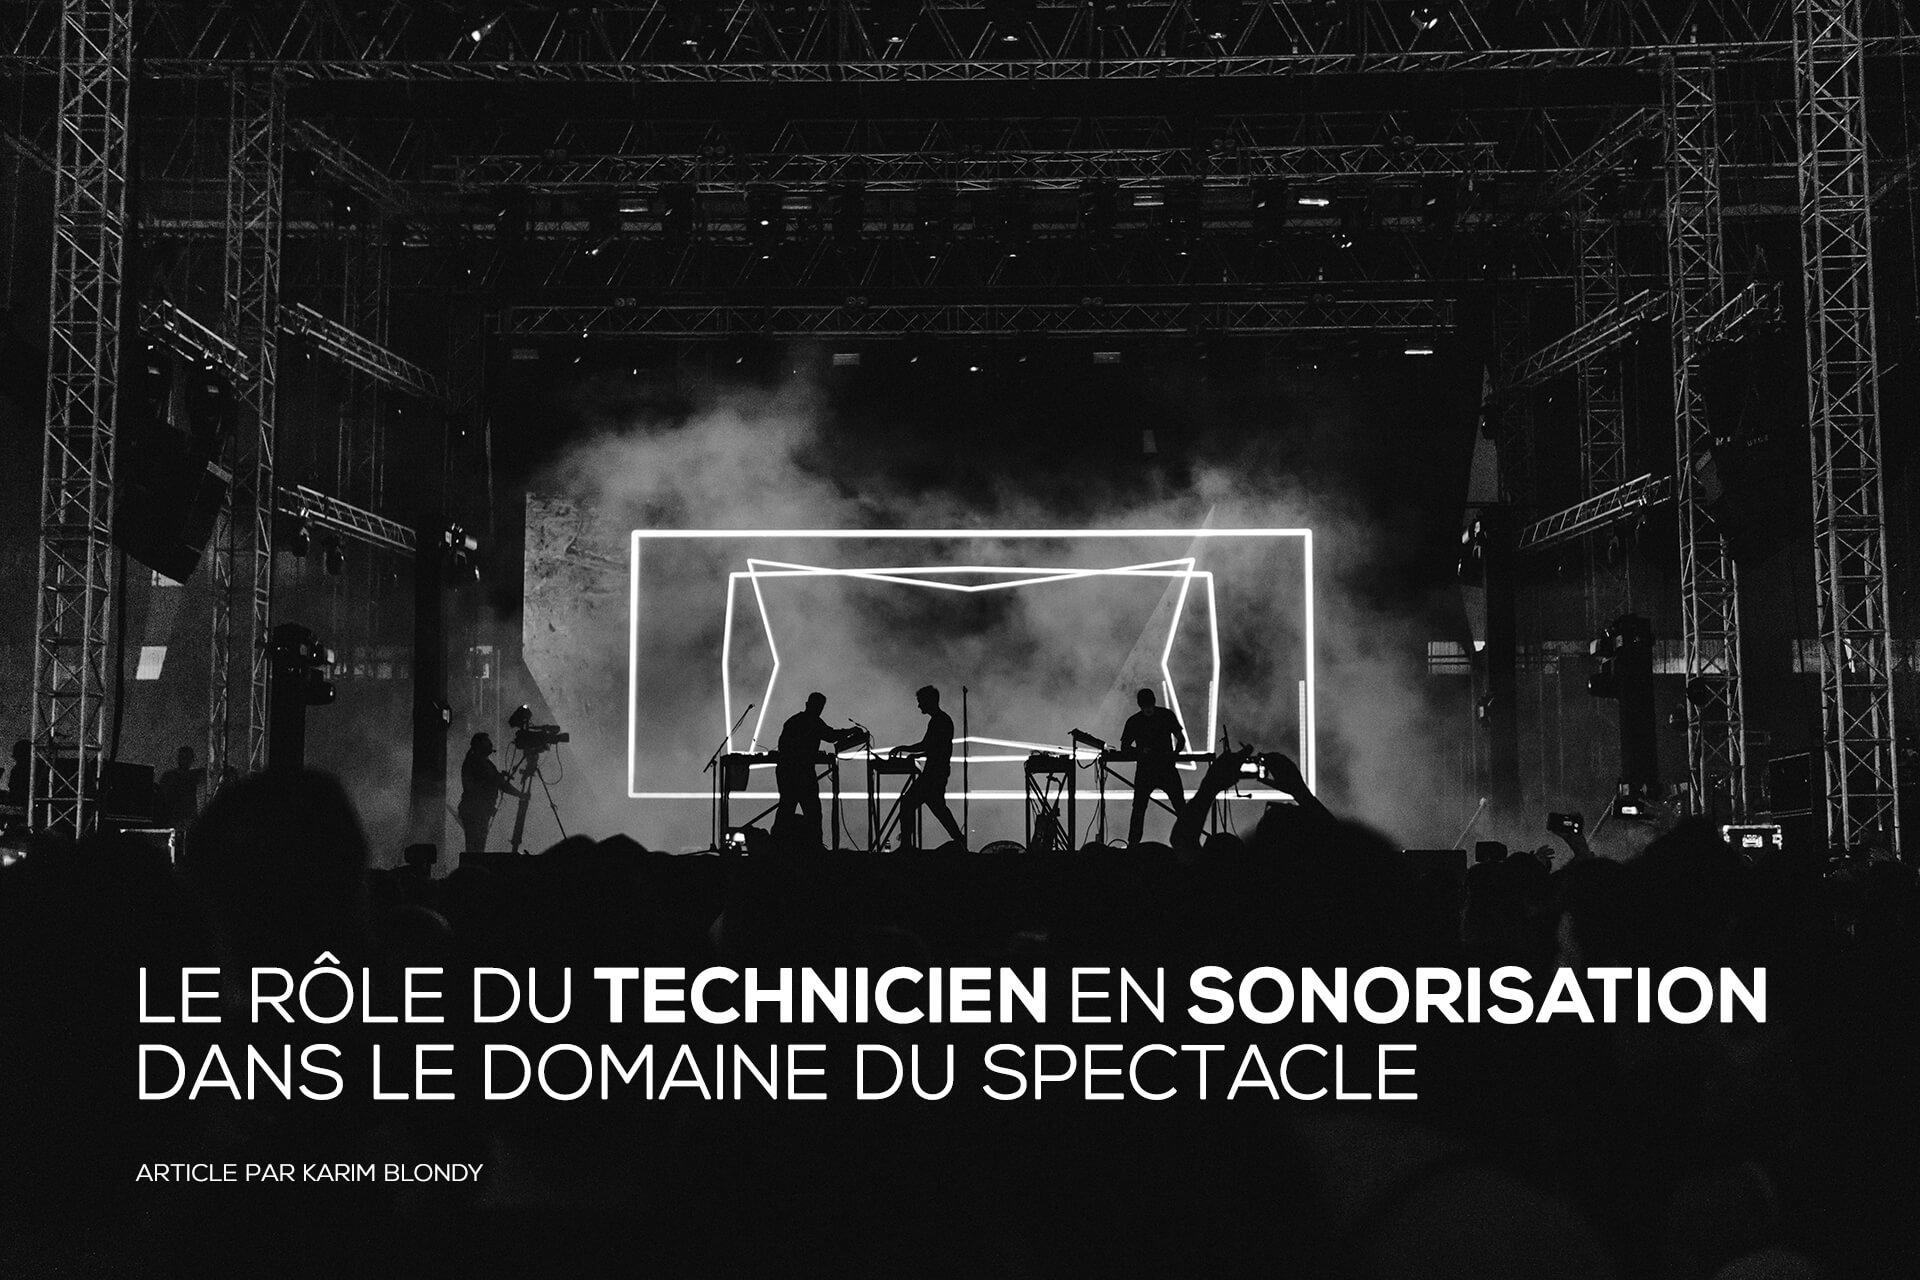 Le rôle du technicien en sonorisation dans le domaine du spectacle